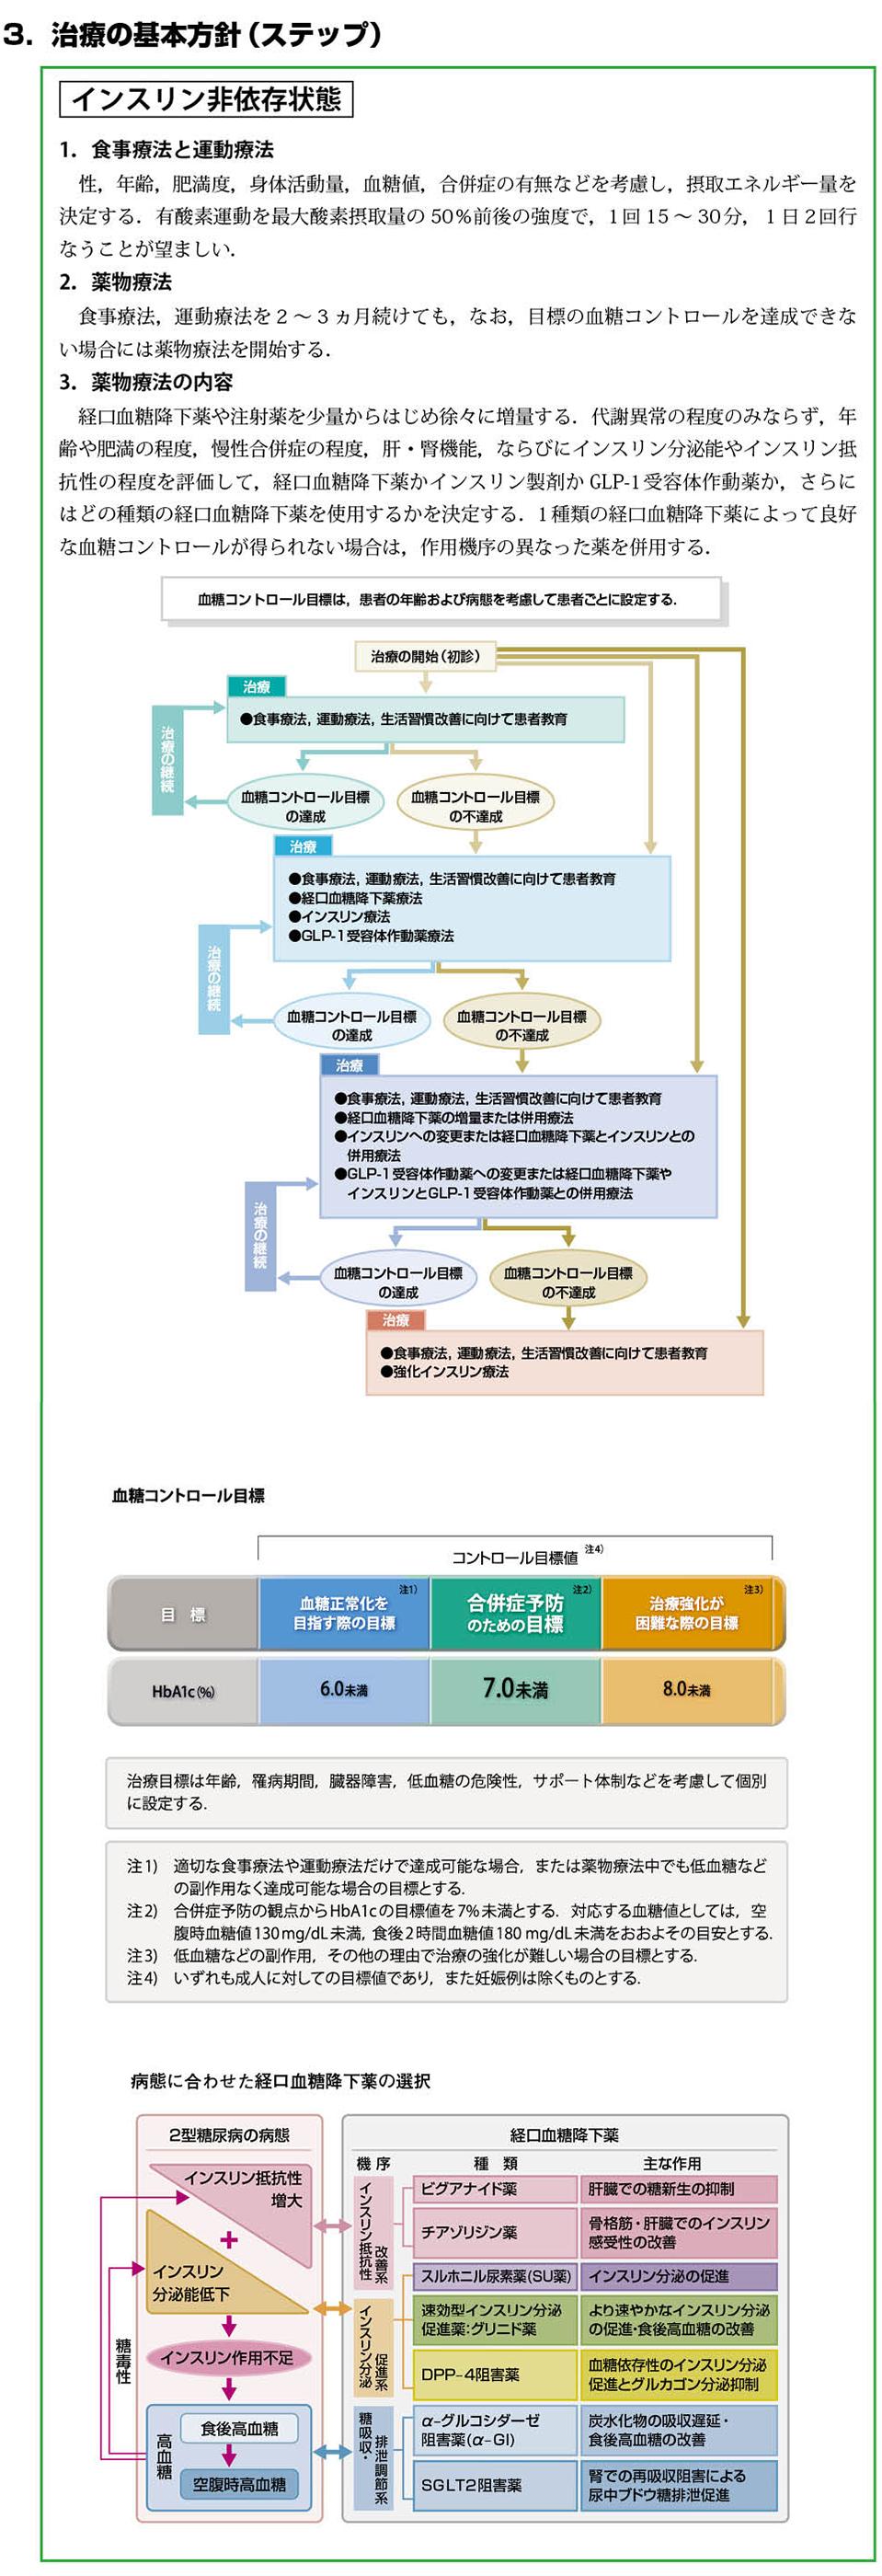 糖尿病治療ガイド2014-2015(抜粋)[4]